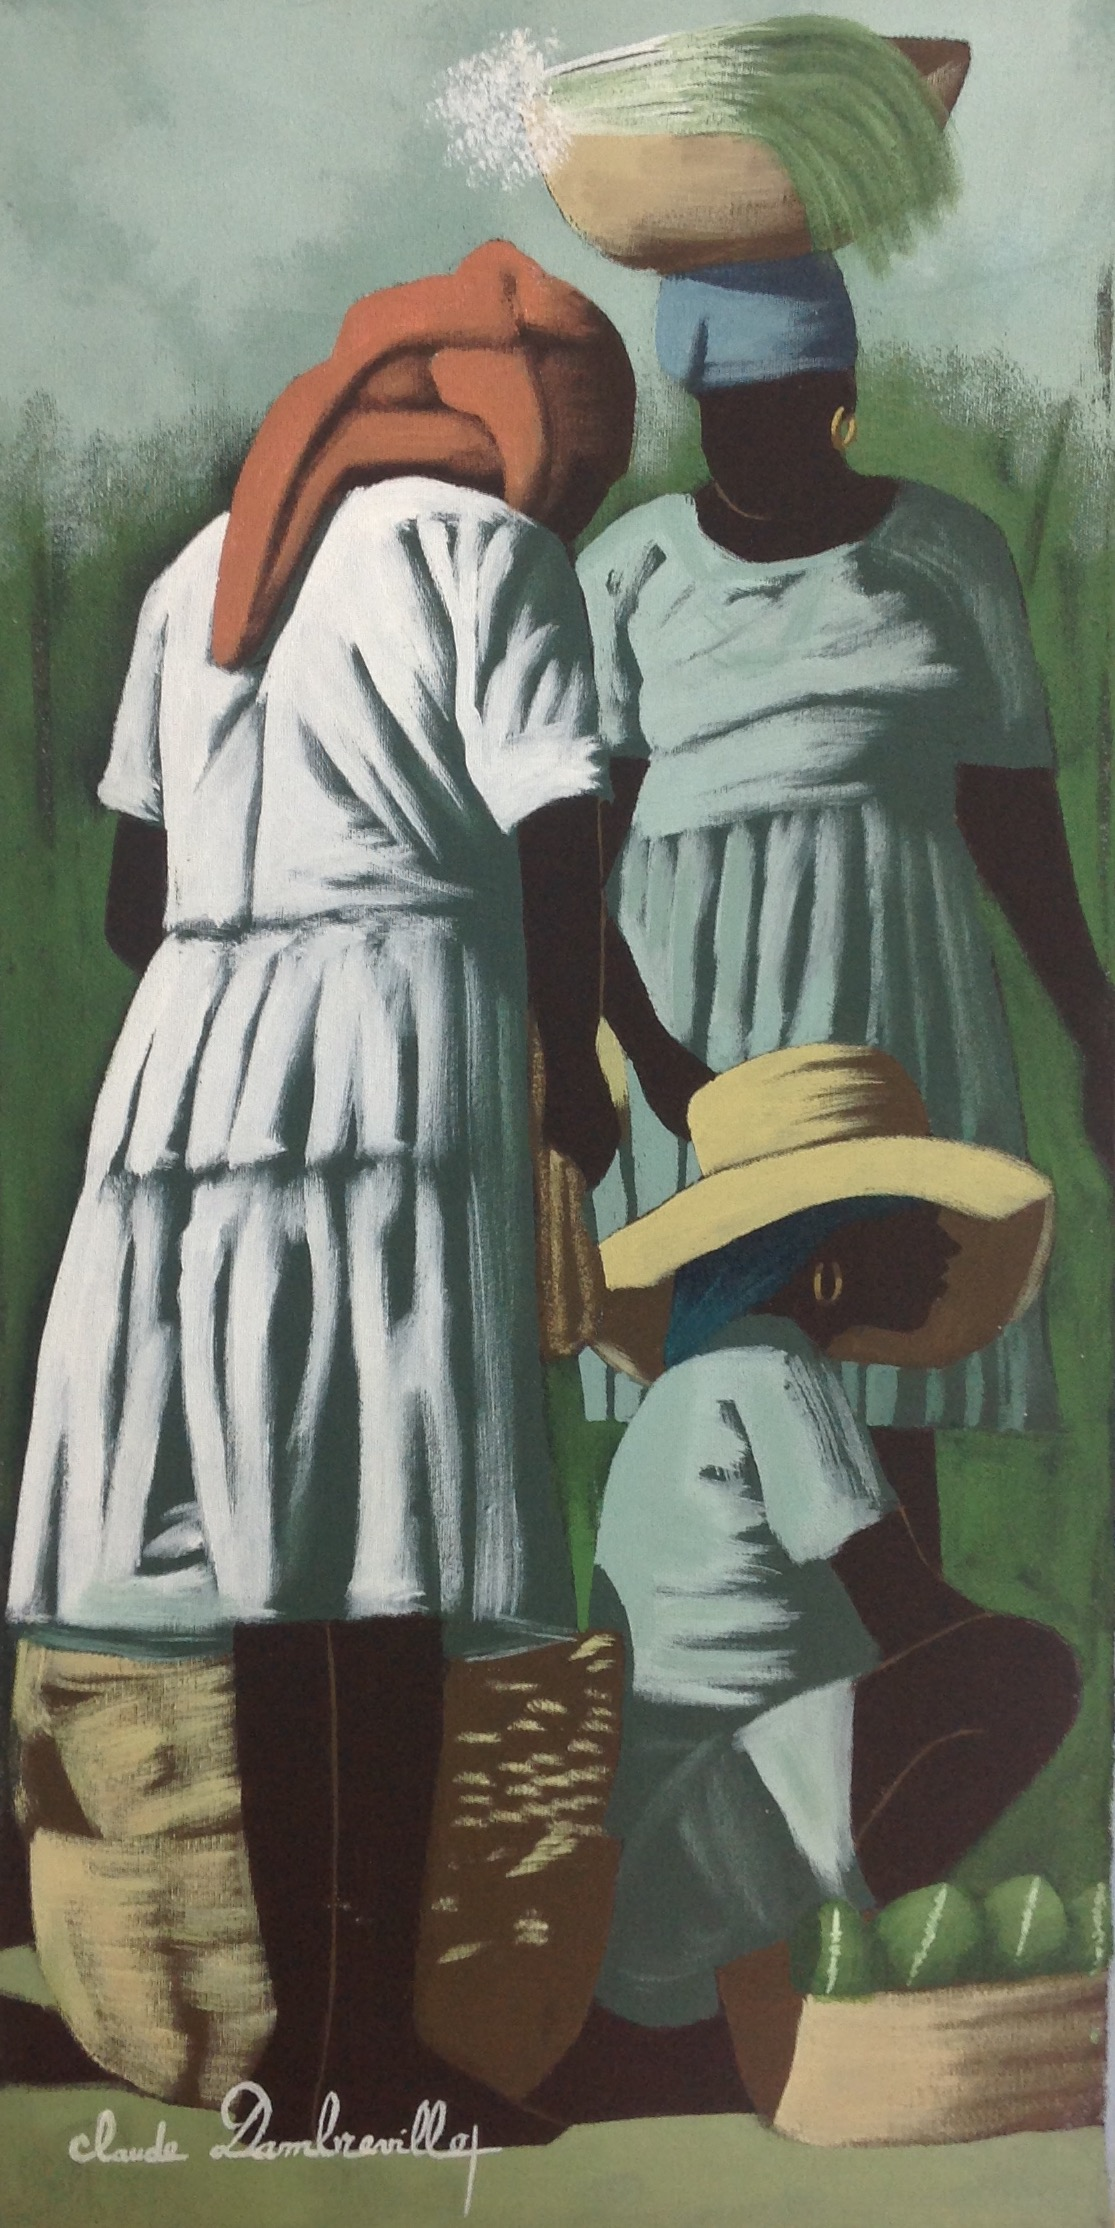 Dambreville Claude 15X30 #41-1-93 canvas 1995